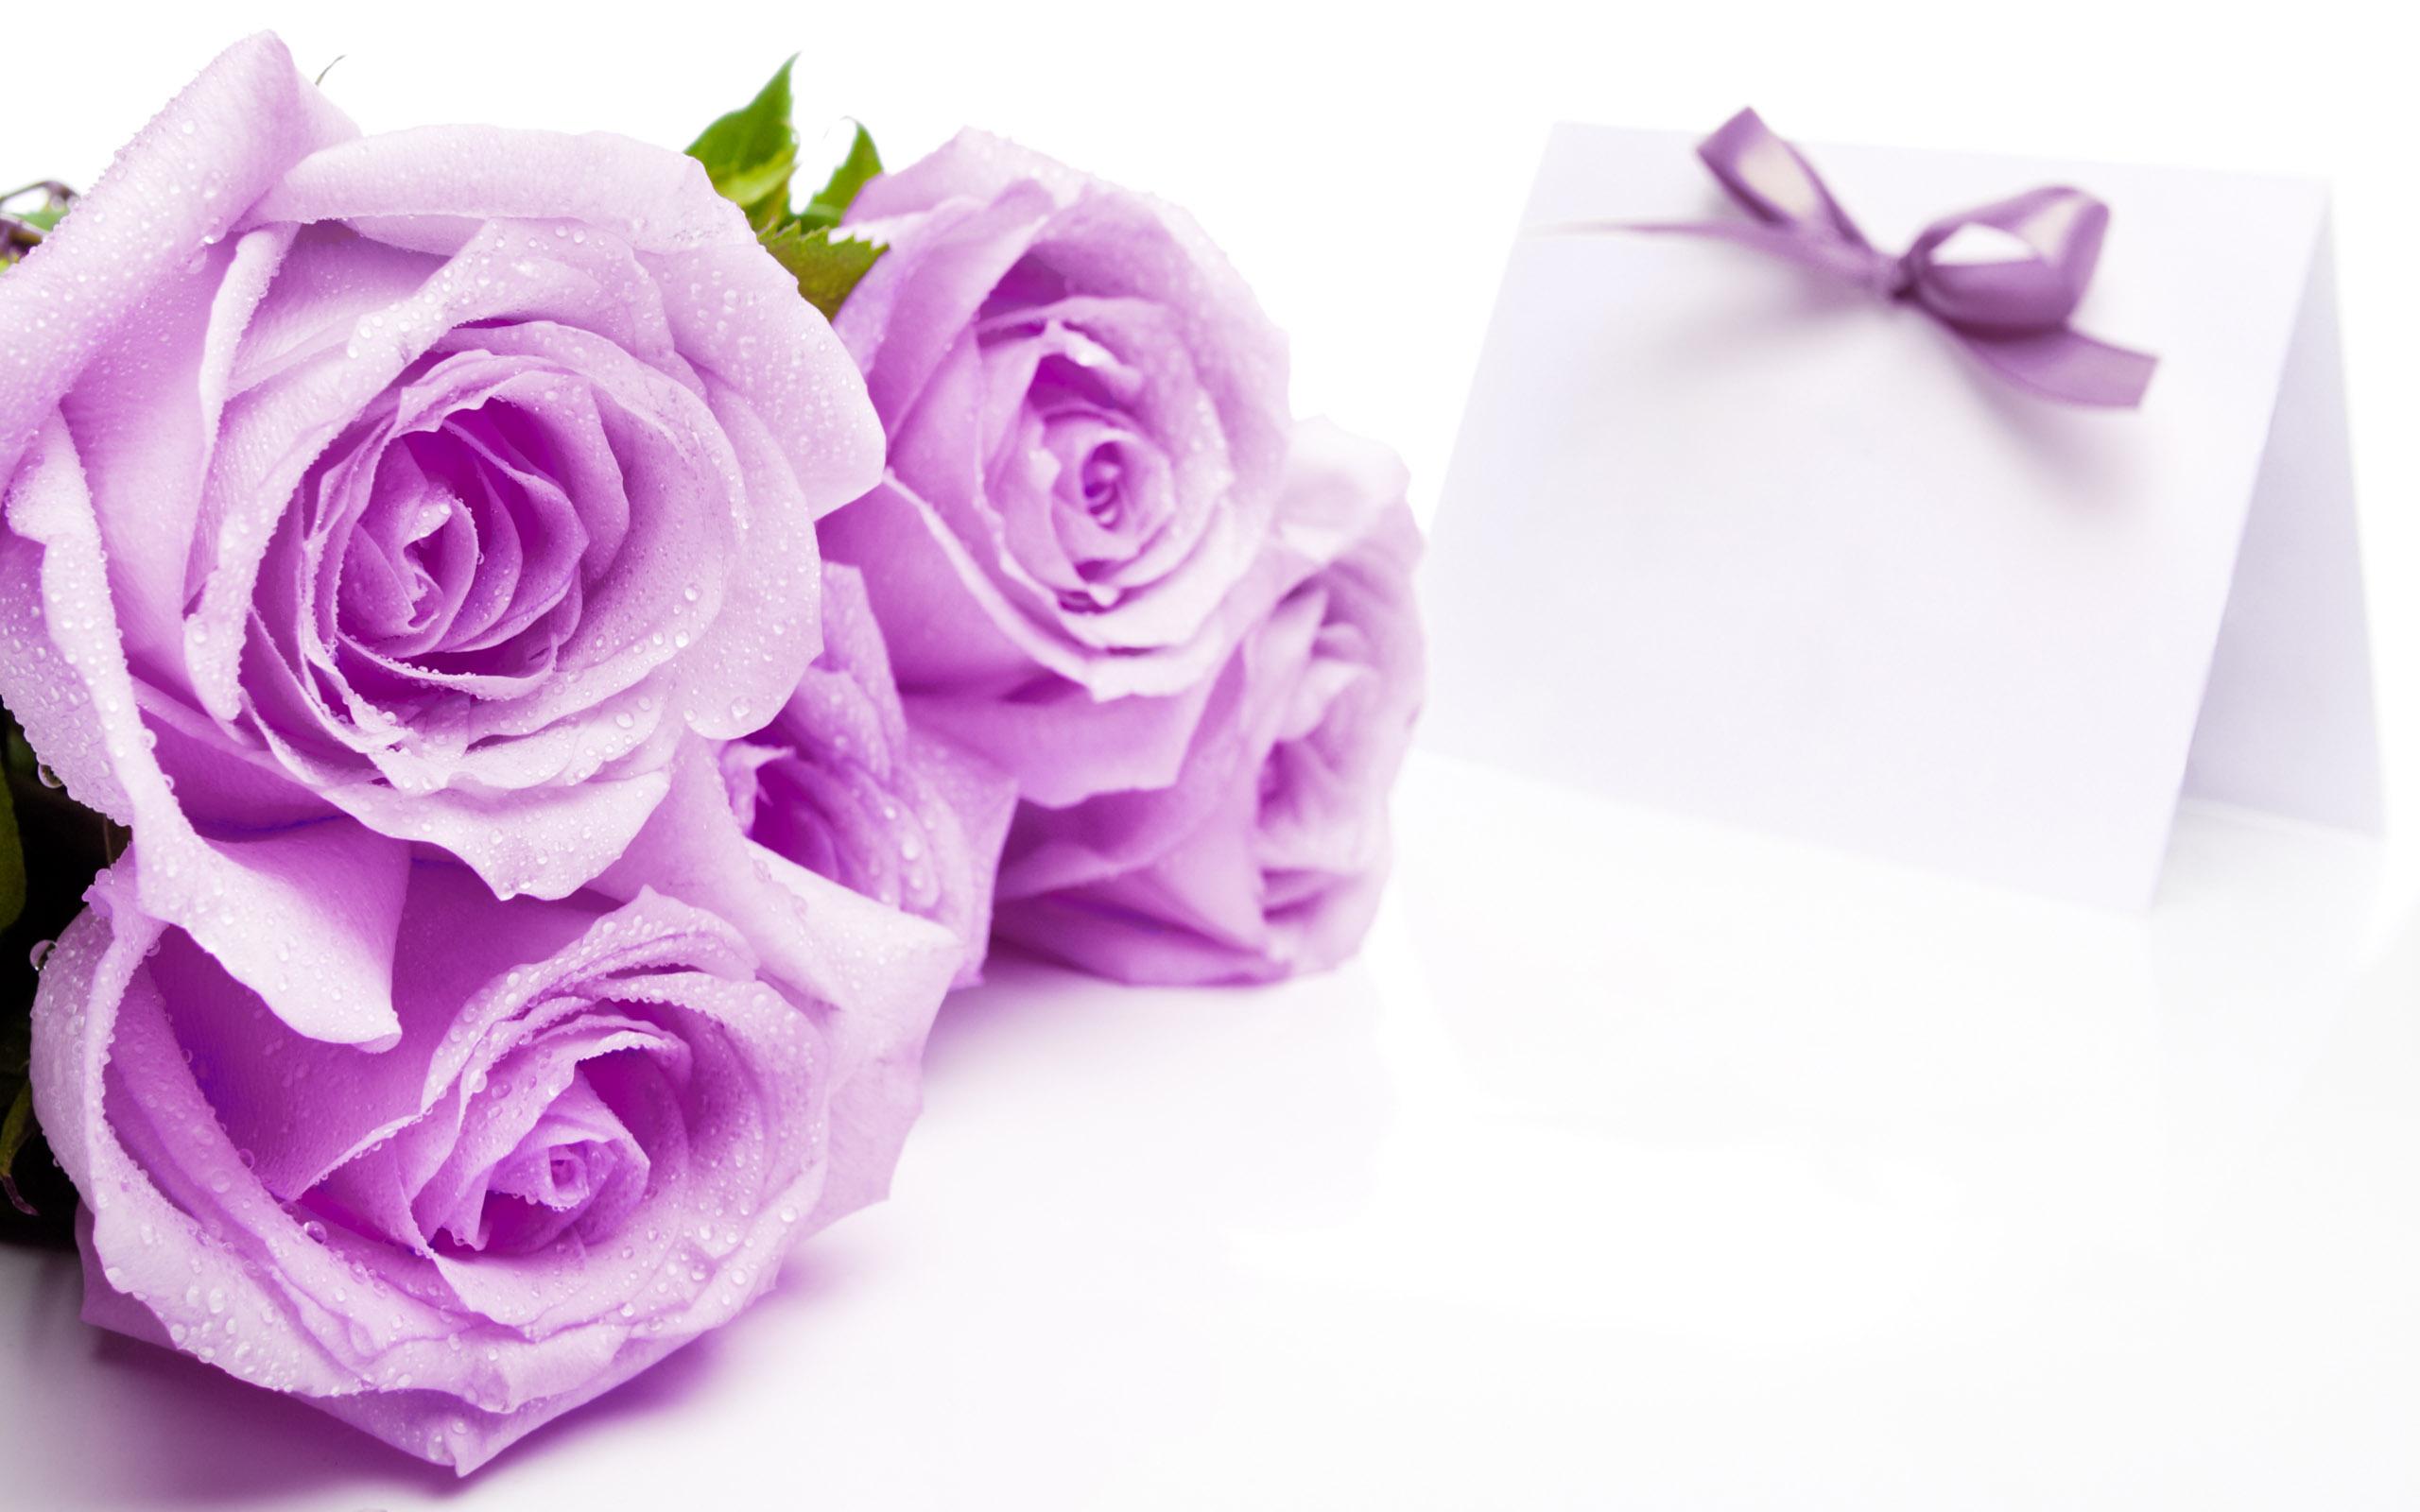 بالصور خلفيات زهور , خلفيات زهور للهواتف واجهزة الكمبيوتر 2903 12